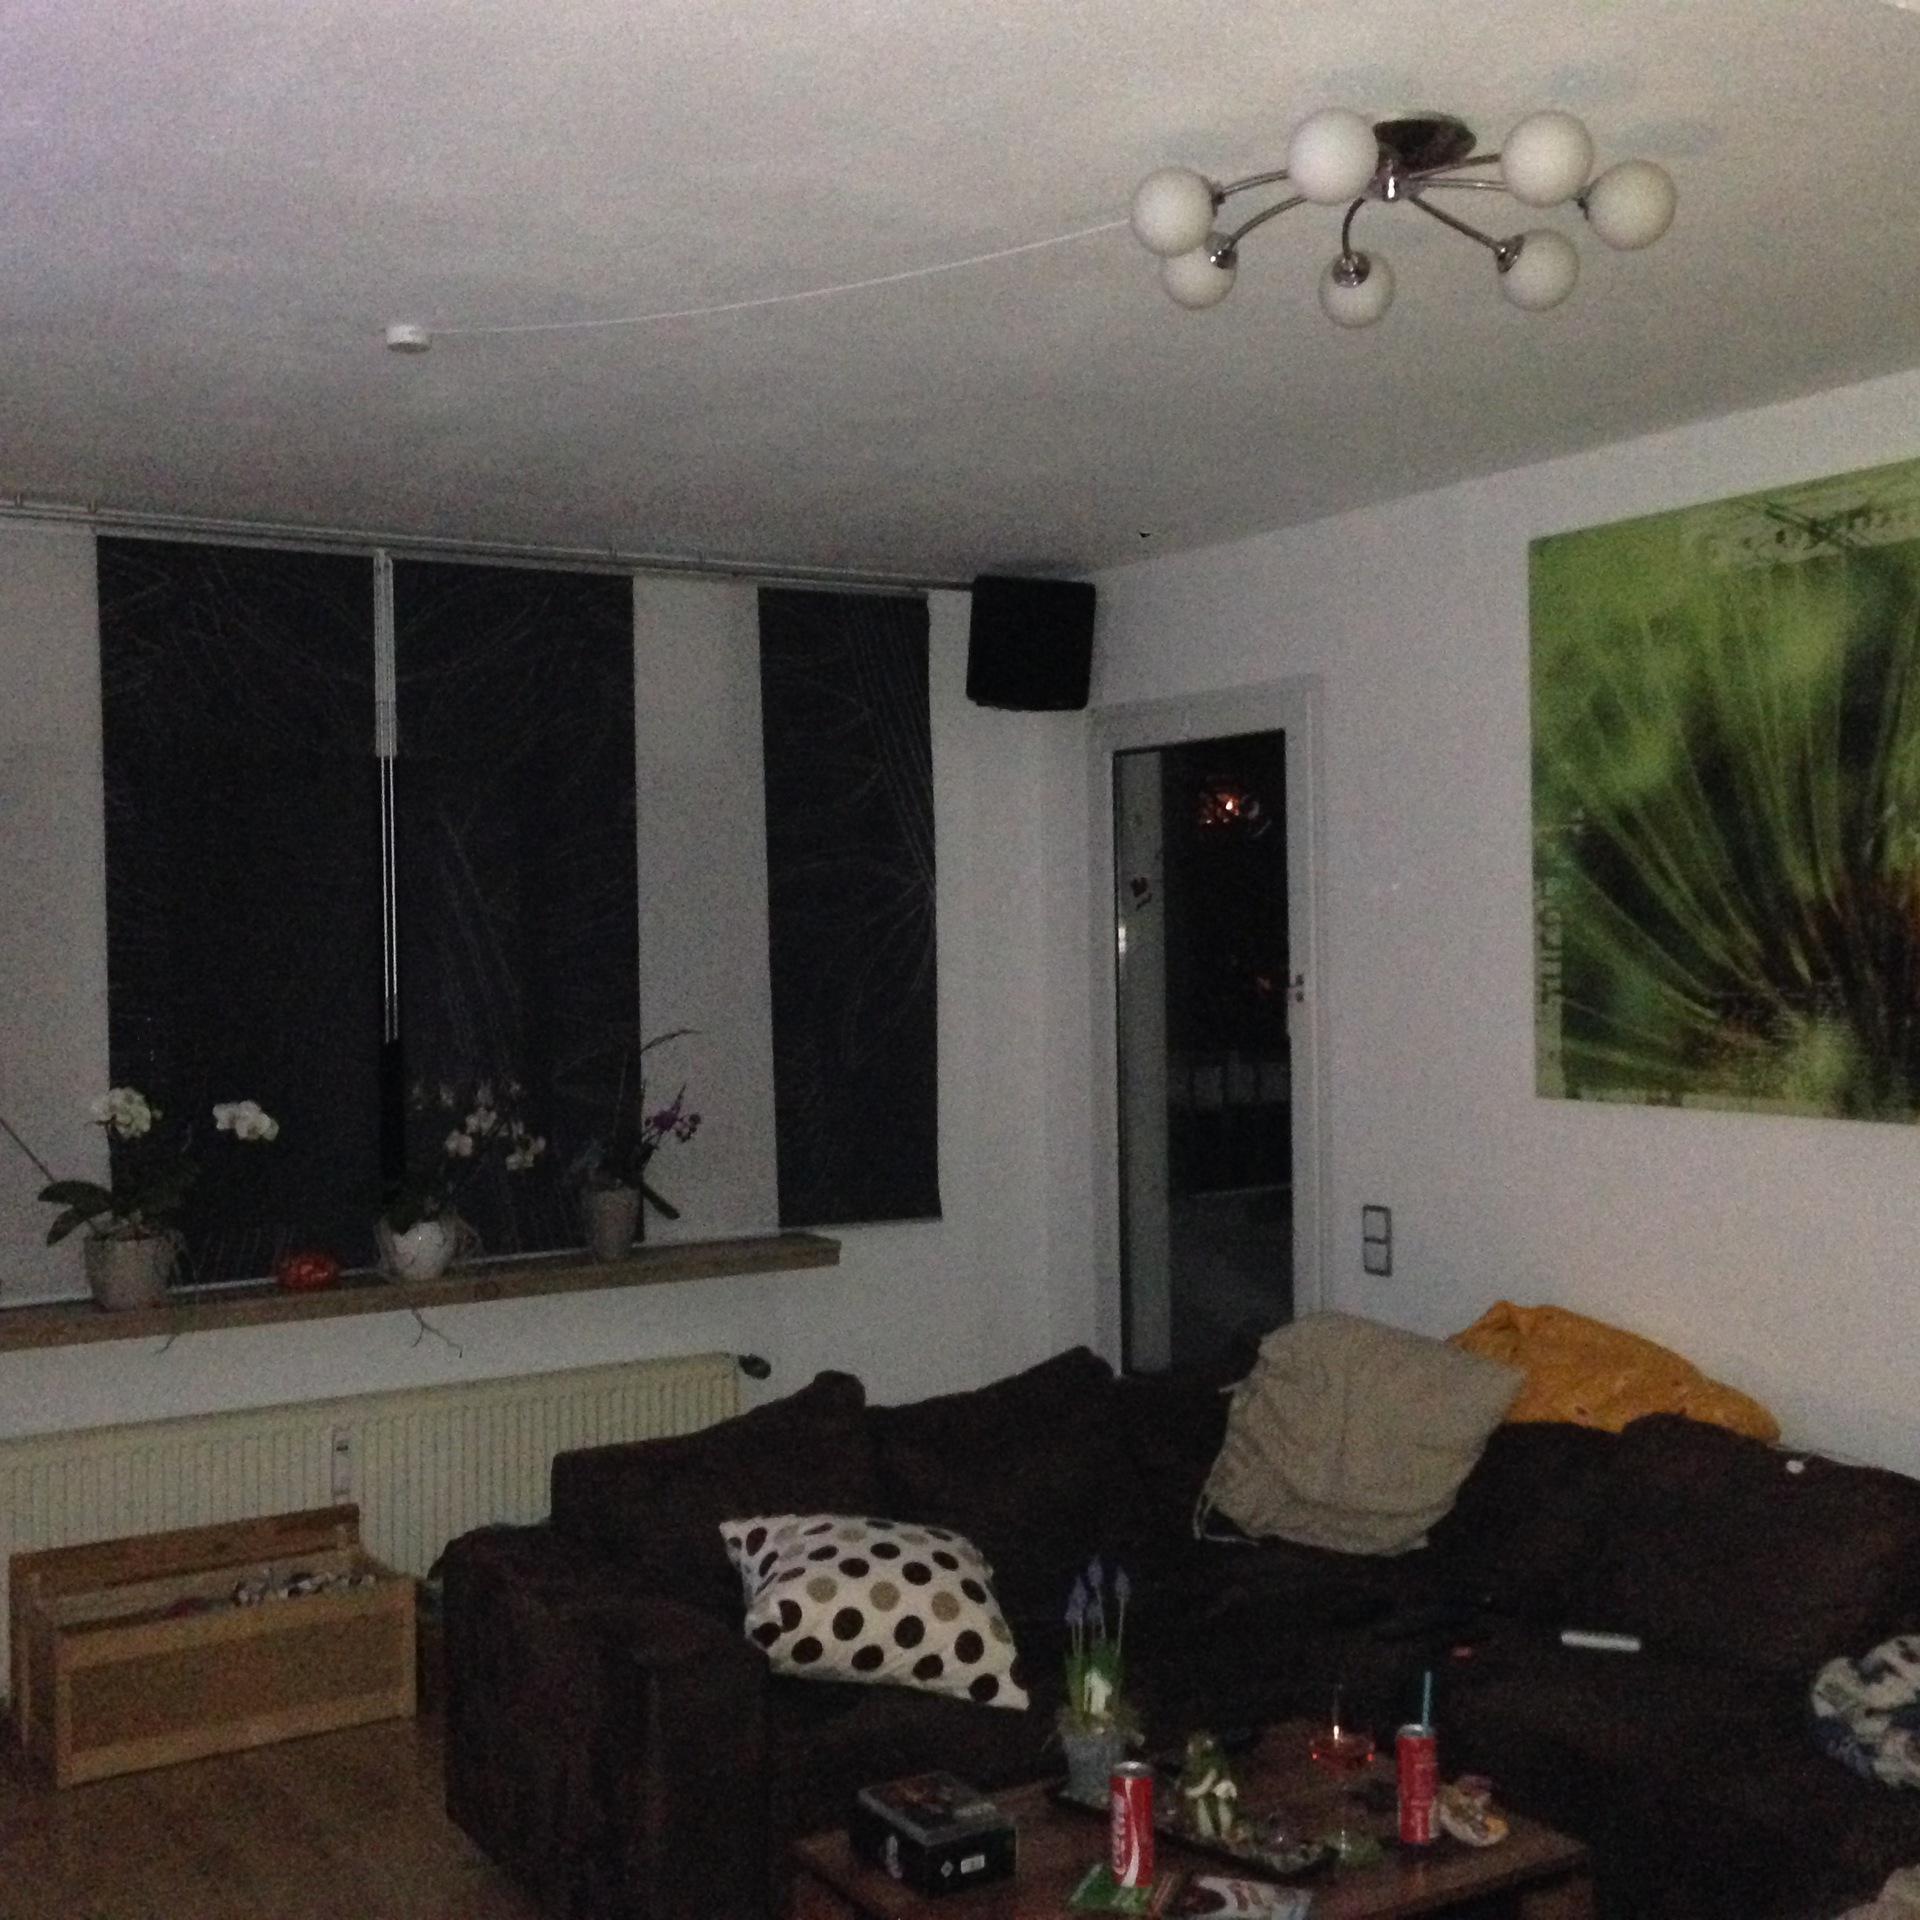 rear unter der decke decke heimkino komplettsysteme rear surround hifi. Black Bedroom Furniture Sets. Home Design Ideas